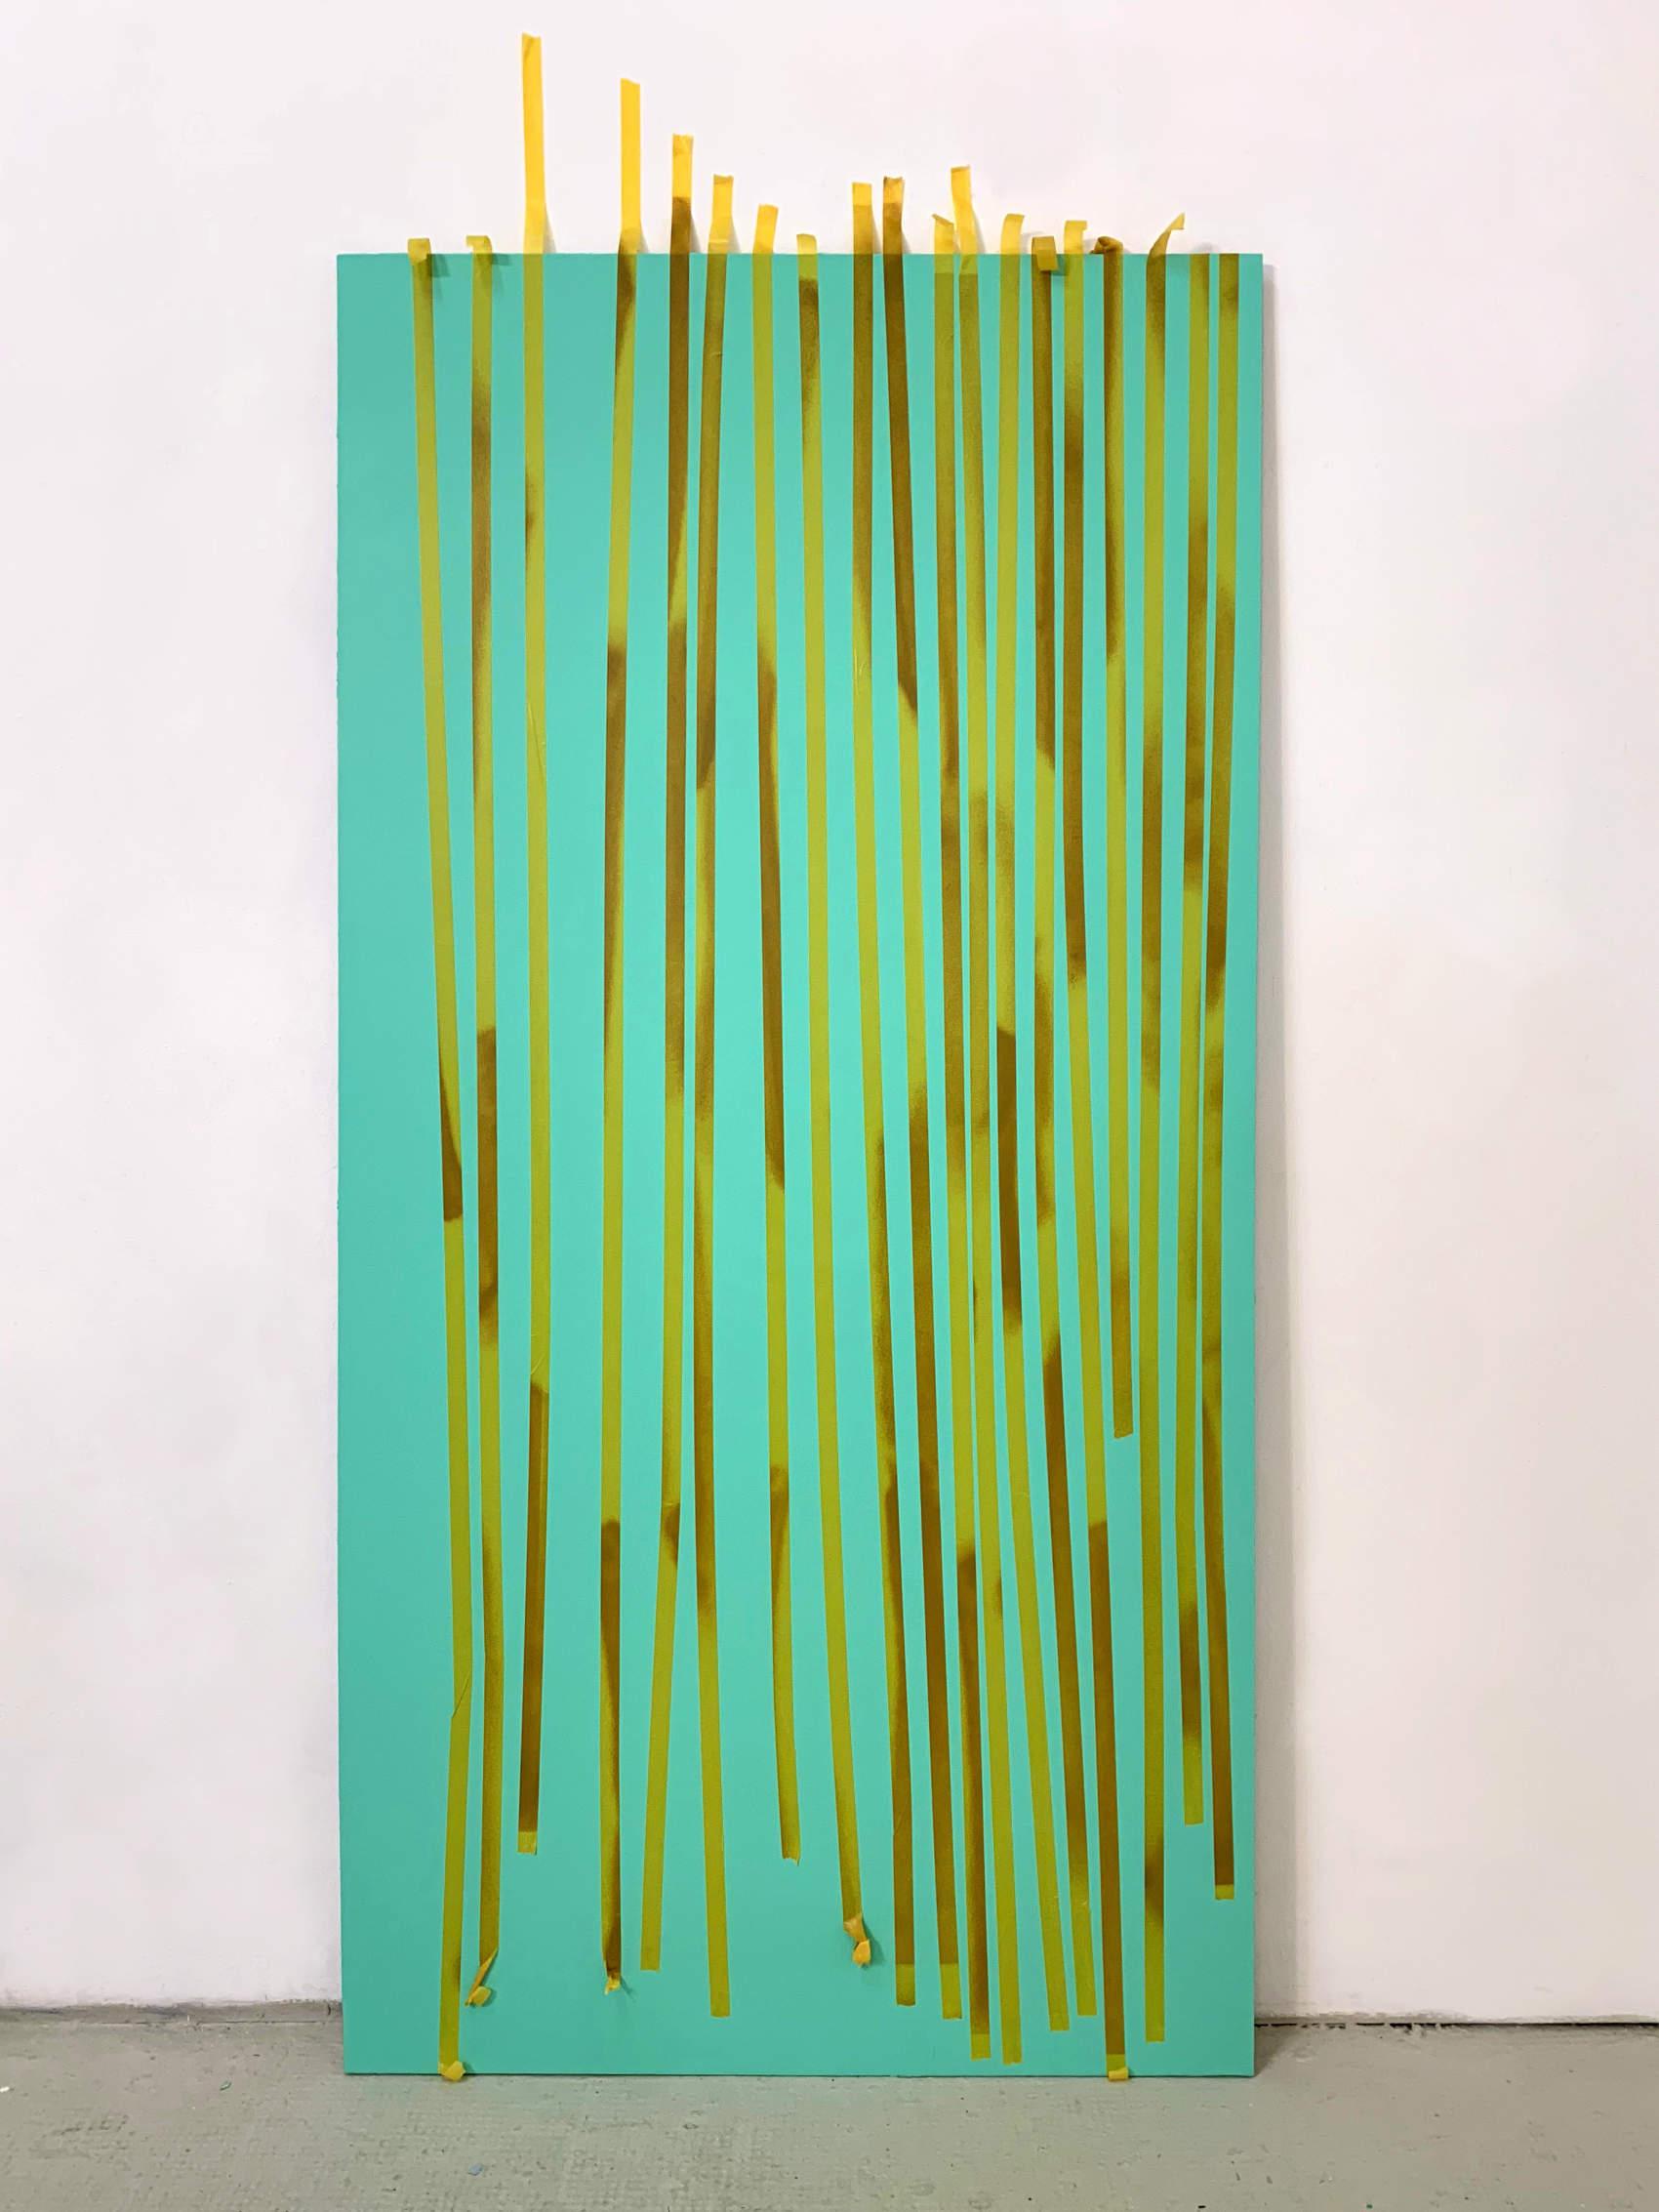 Sans titre, 2019, peinture acrylique et ruban adhésif sur Dibond, 200 x 100 cm